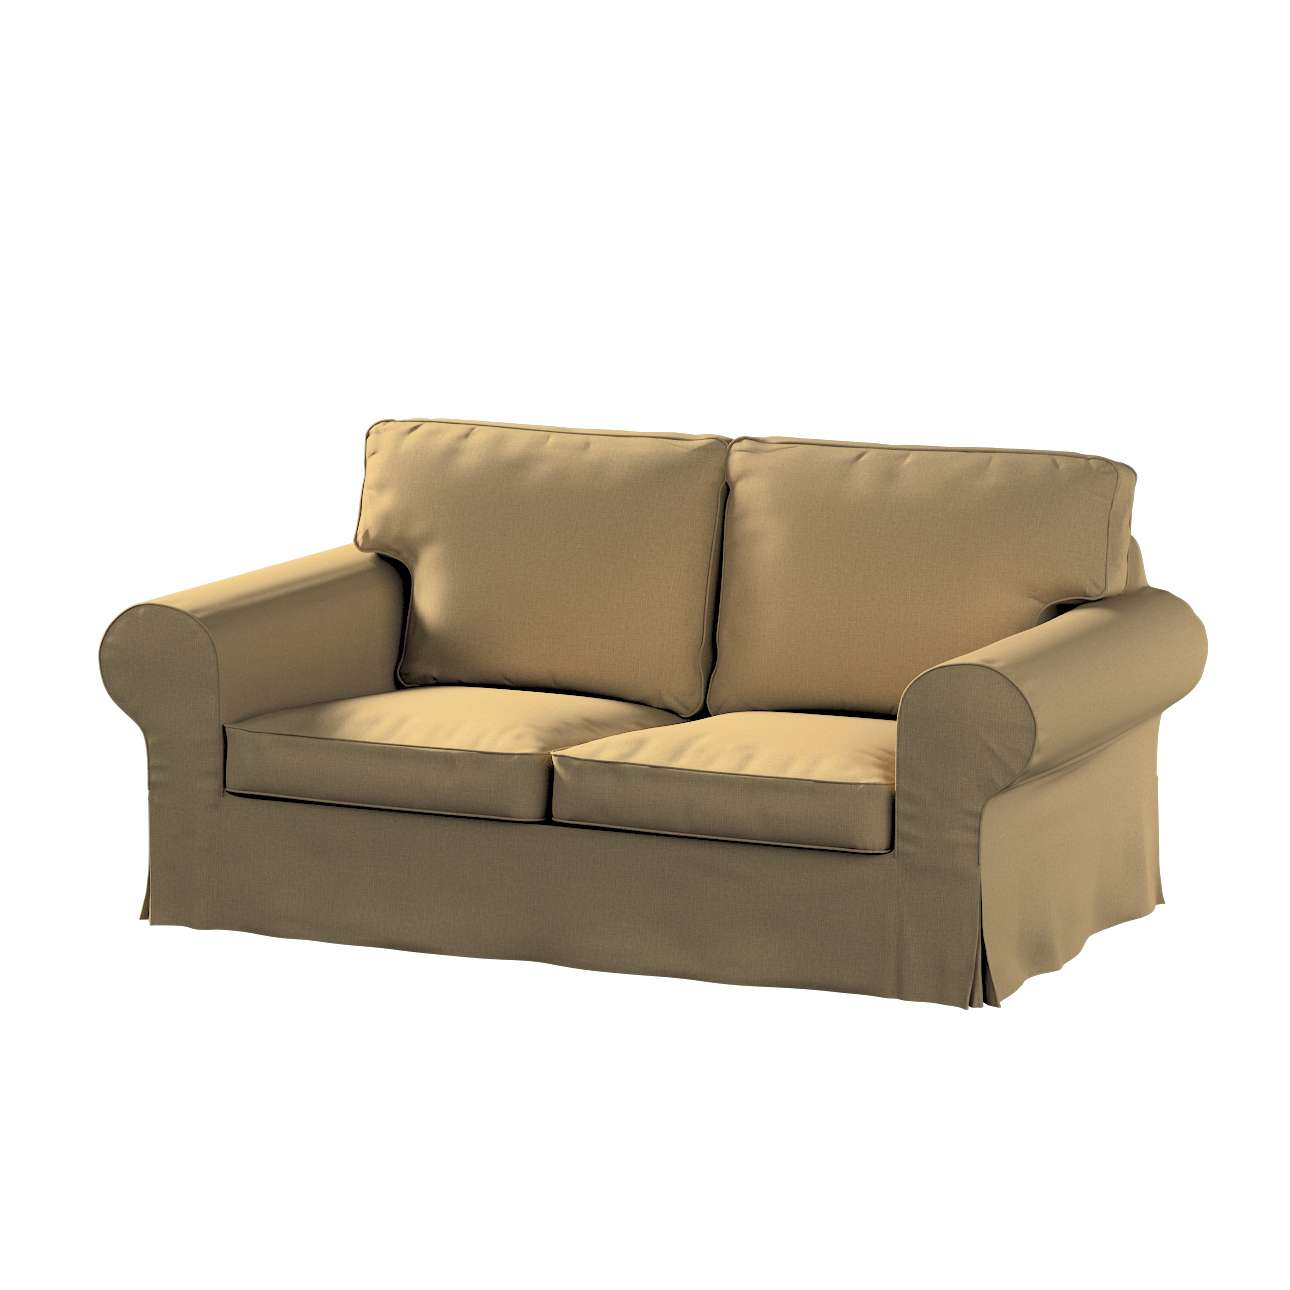 Pokrowiec na sofę Ektorp 2-osobową rozkładaną, model po 2012 w kolekcji Living, tkanina: 161-50